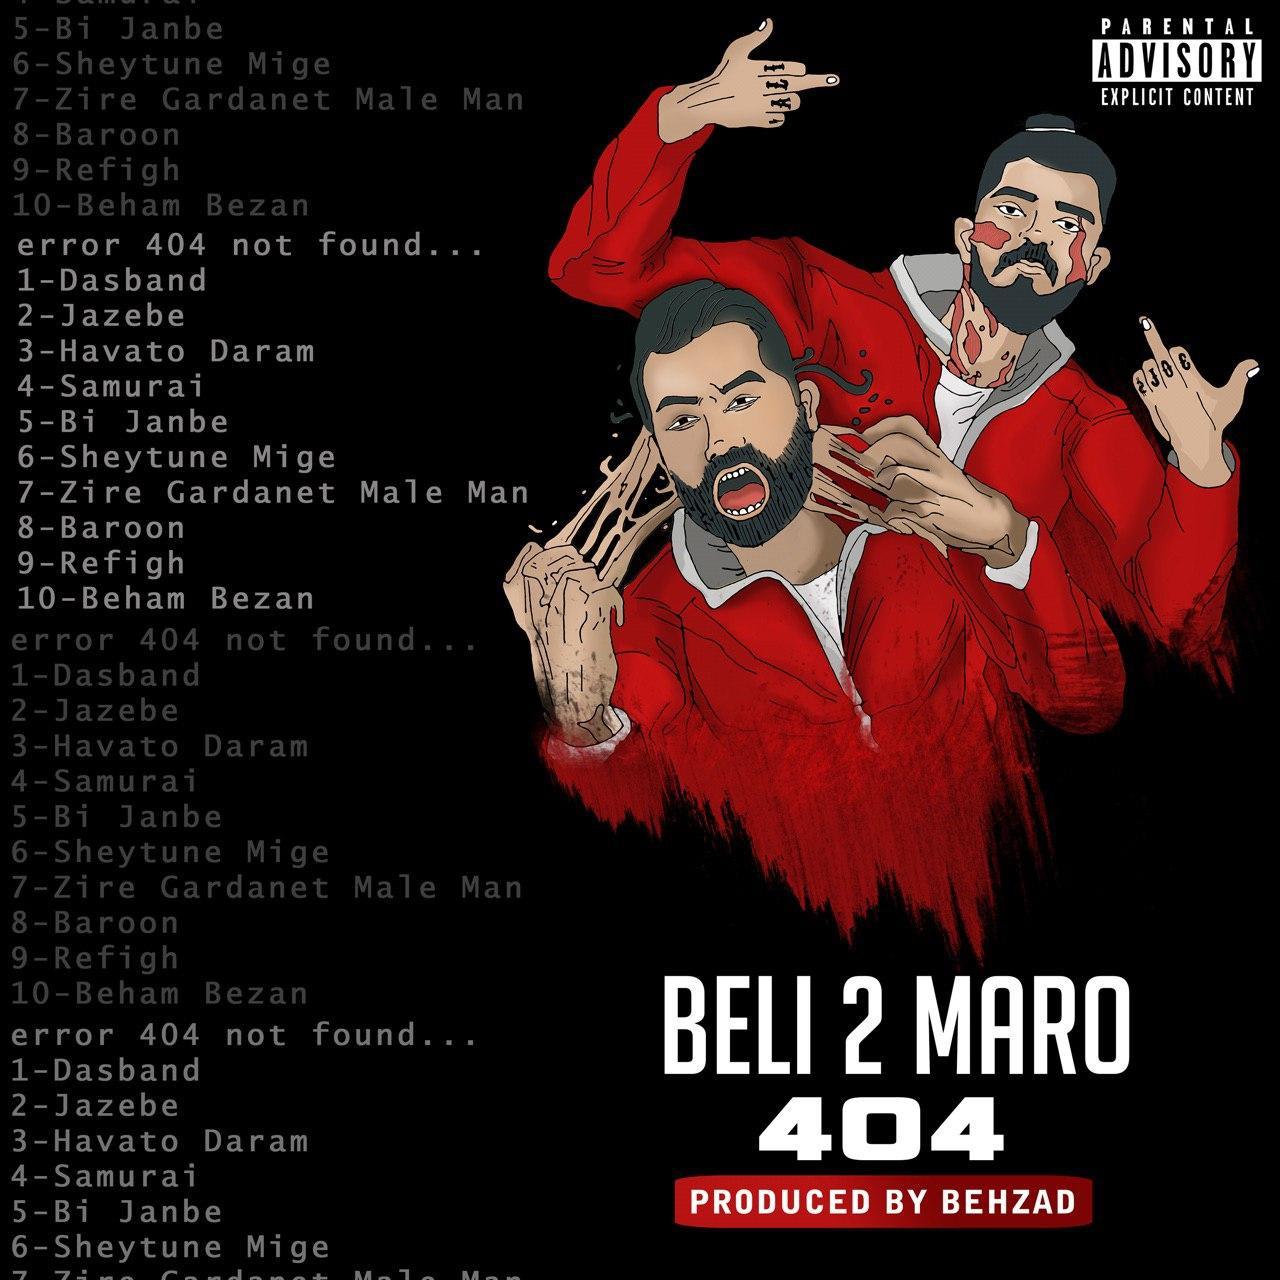 Beli 2 Maro - Error 404 Album